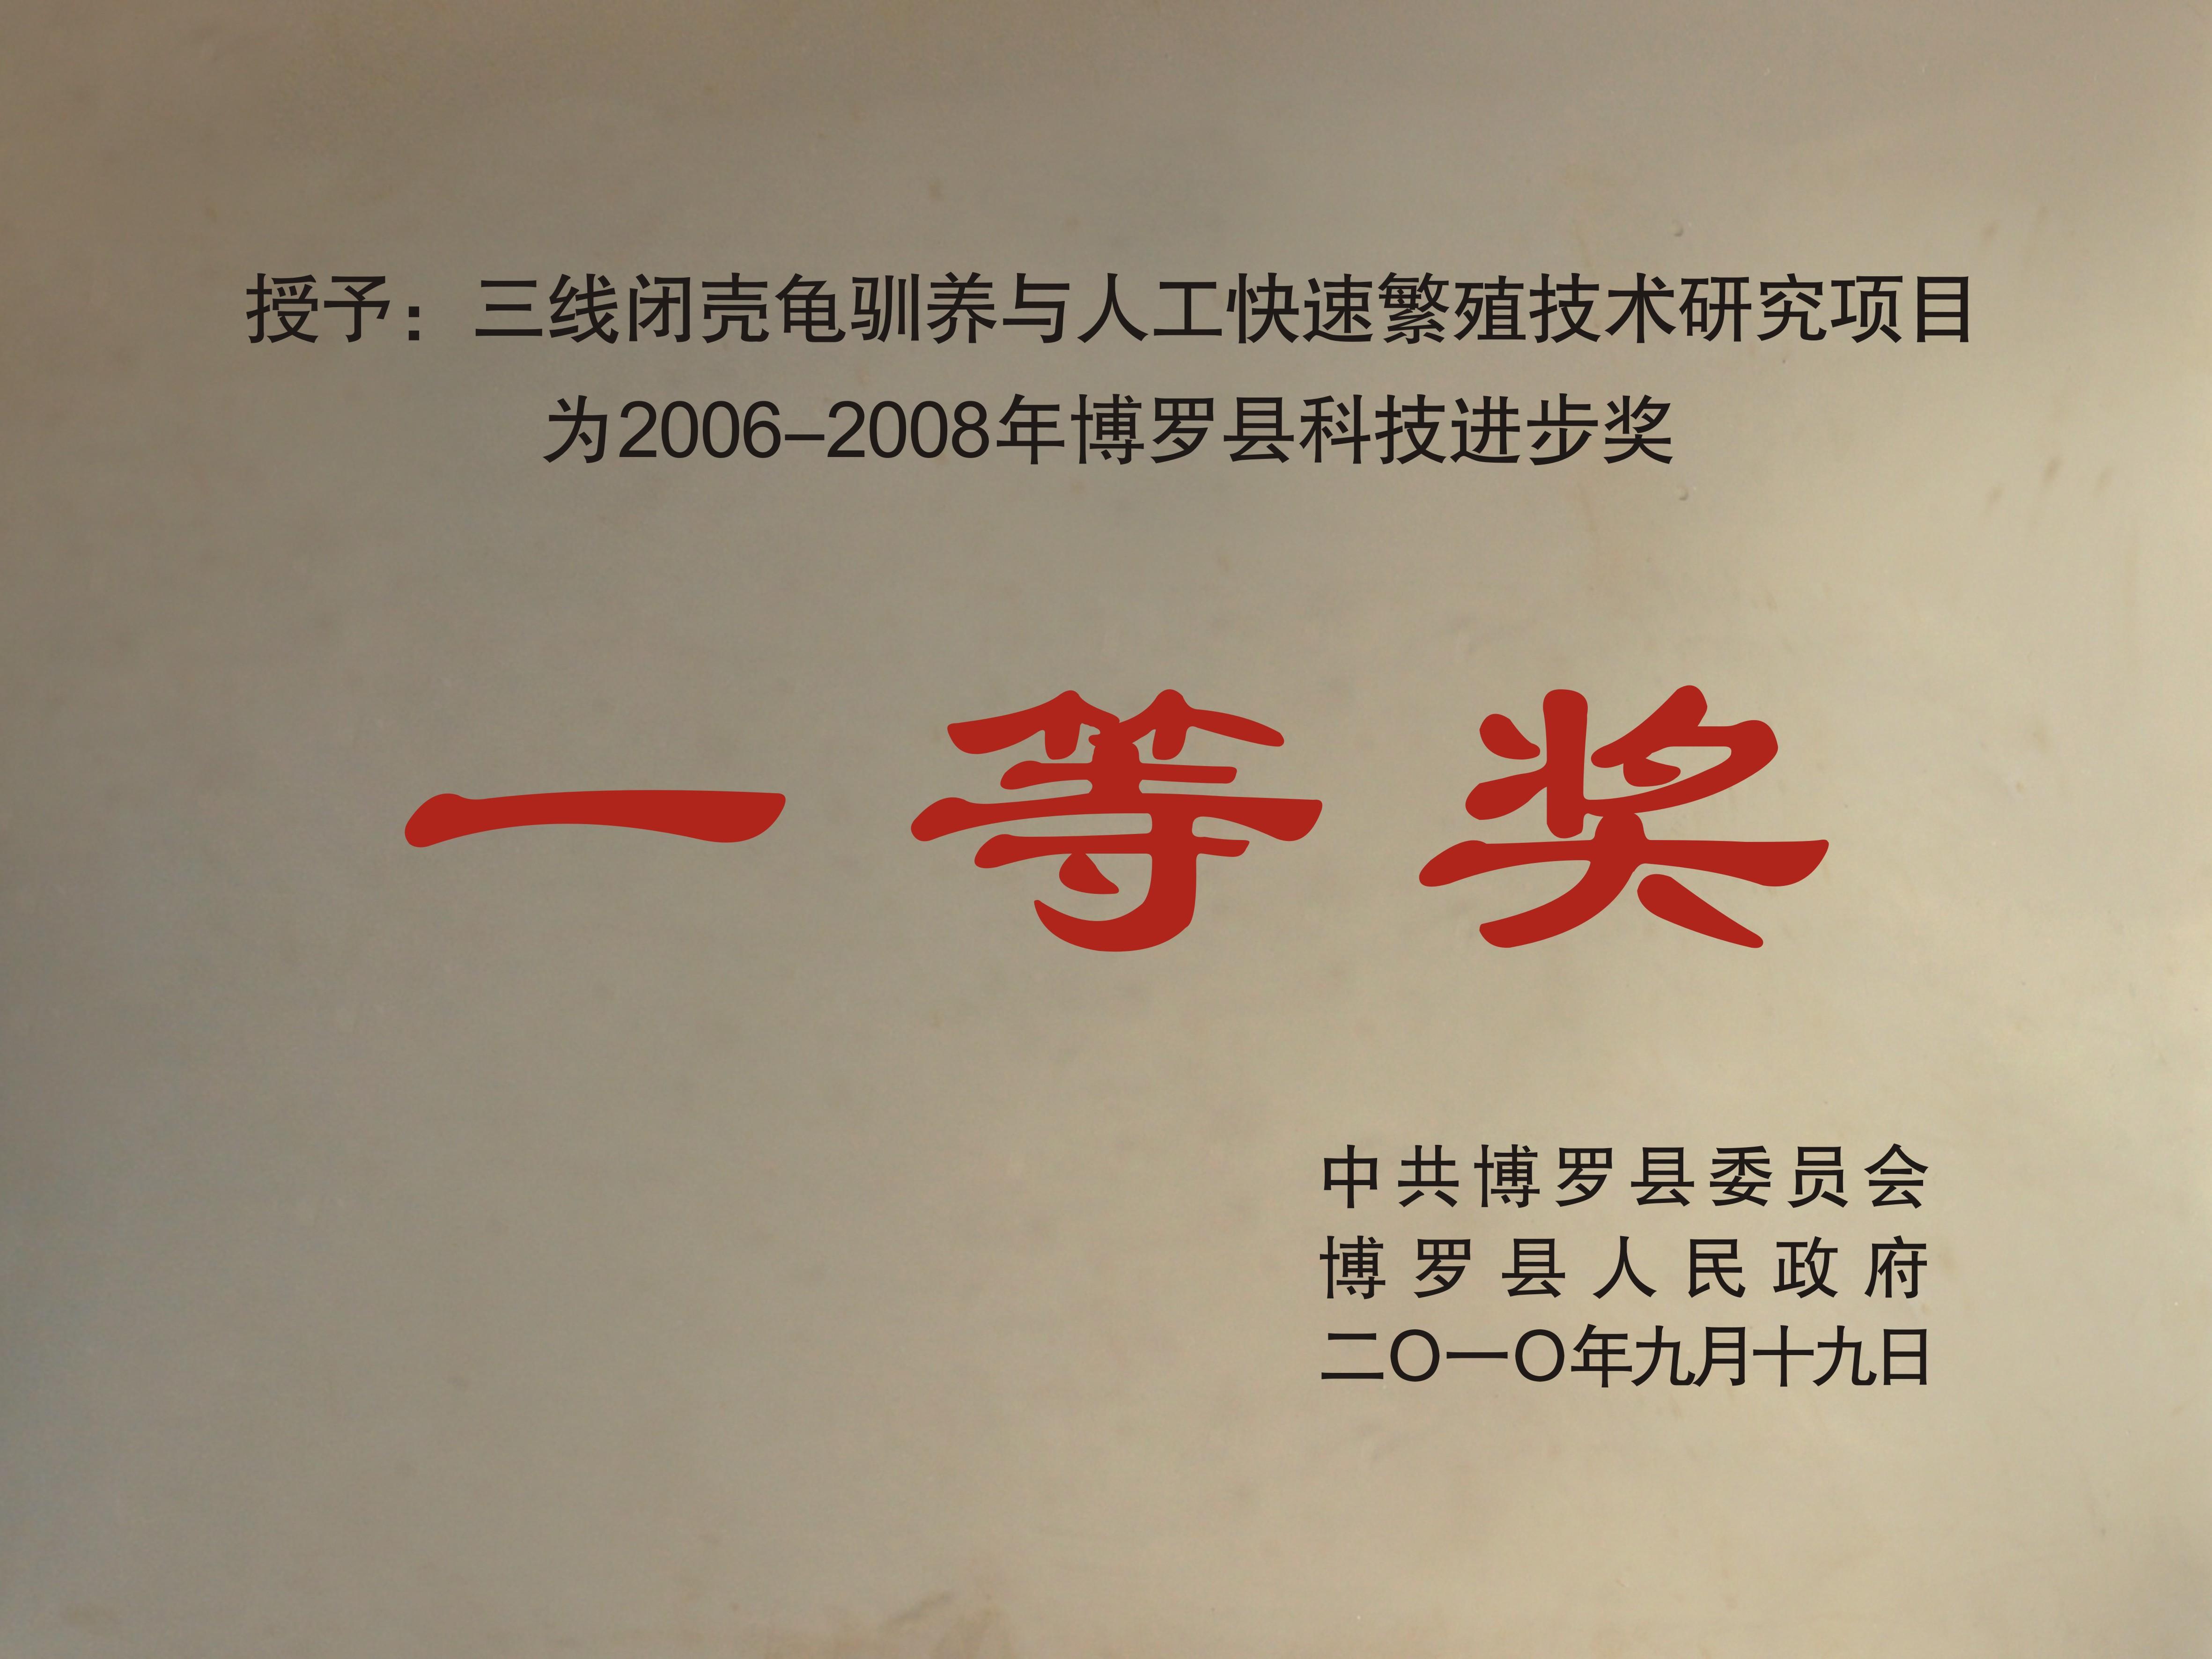 三線閉殼龜馴養與人工快速繁殖技術研究項目為2006-2008年博羅縣科技進步獎:一等獎